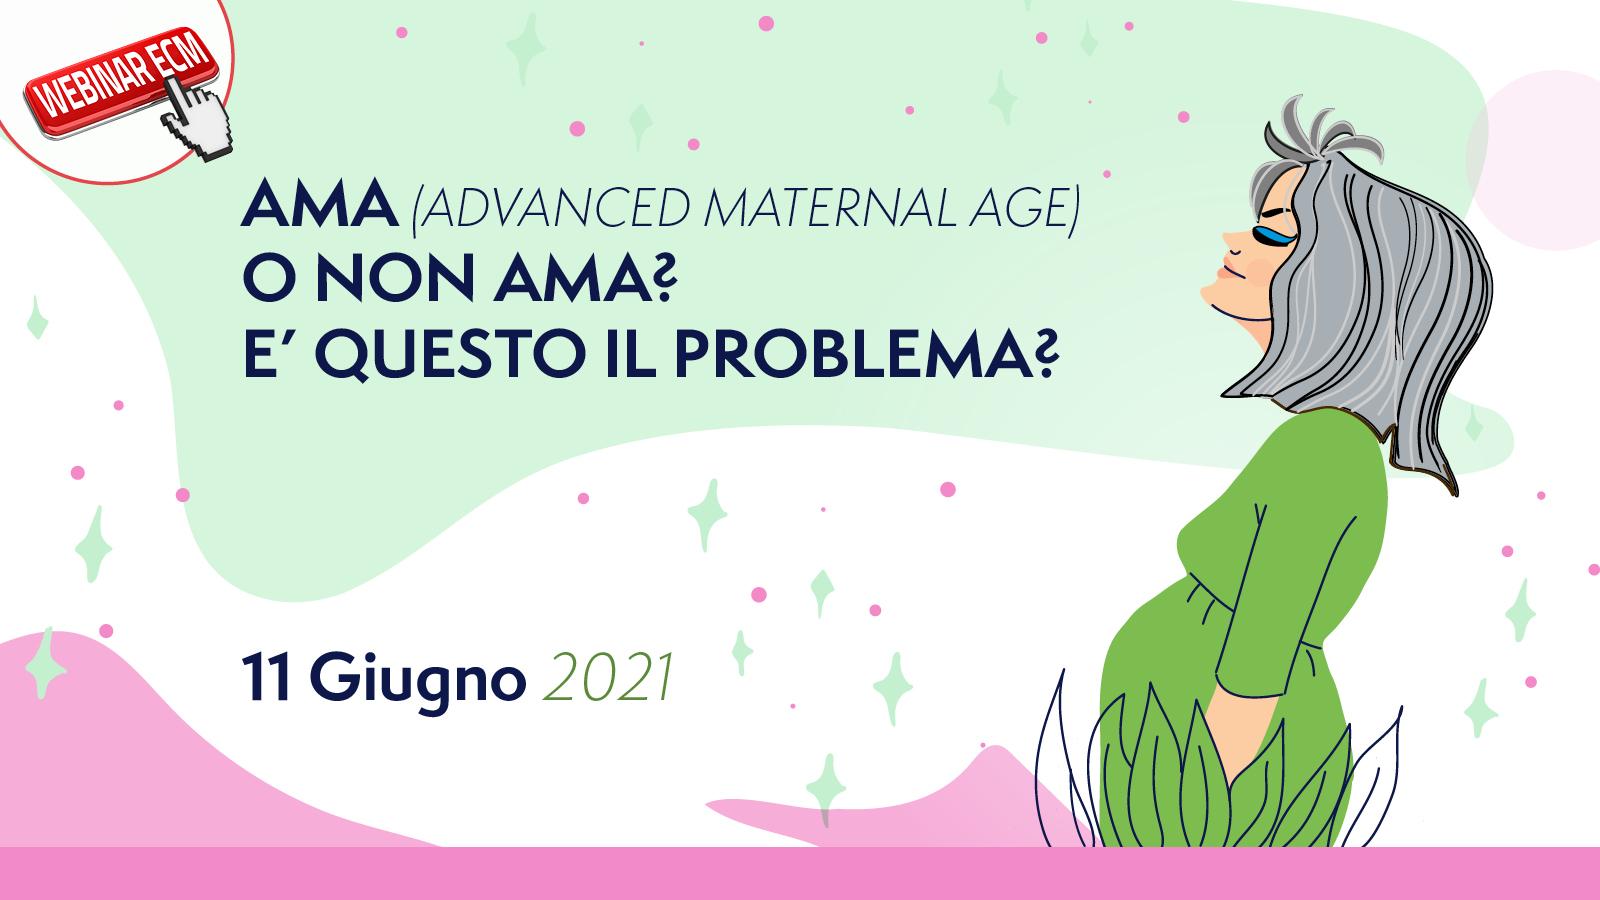 AMA (ADVANCED MATERNAL AGE) O NON AMA? E' QUESTO IL PROBLEMA?